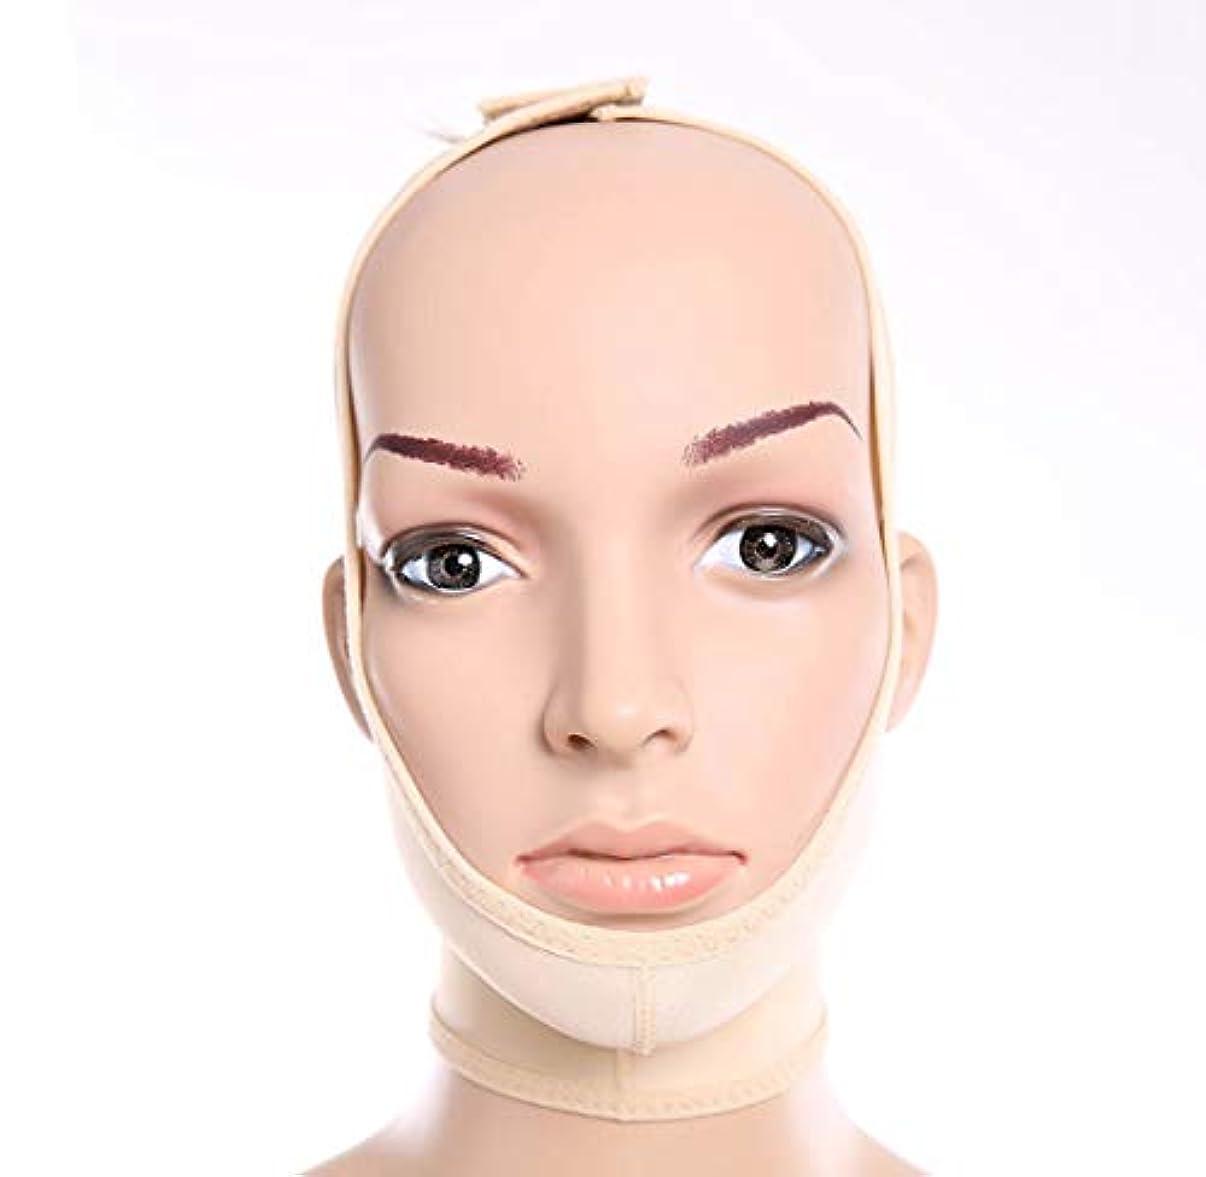 急流ブラザー国旗XHLMRMJ 顔と首のリフト、減量術後弾性スリーブジョーセット顔アーティファクトv顔顔面バンドルダブルあご薄い顔かつら (Size : XS)